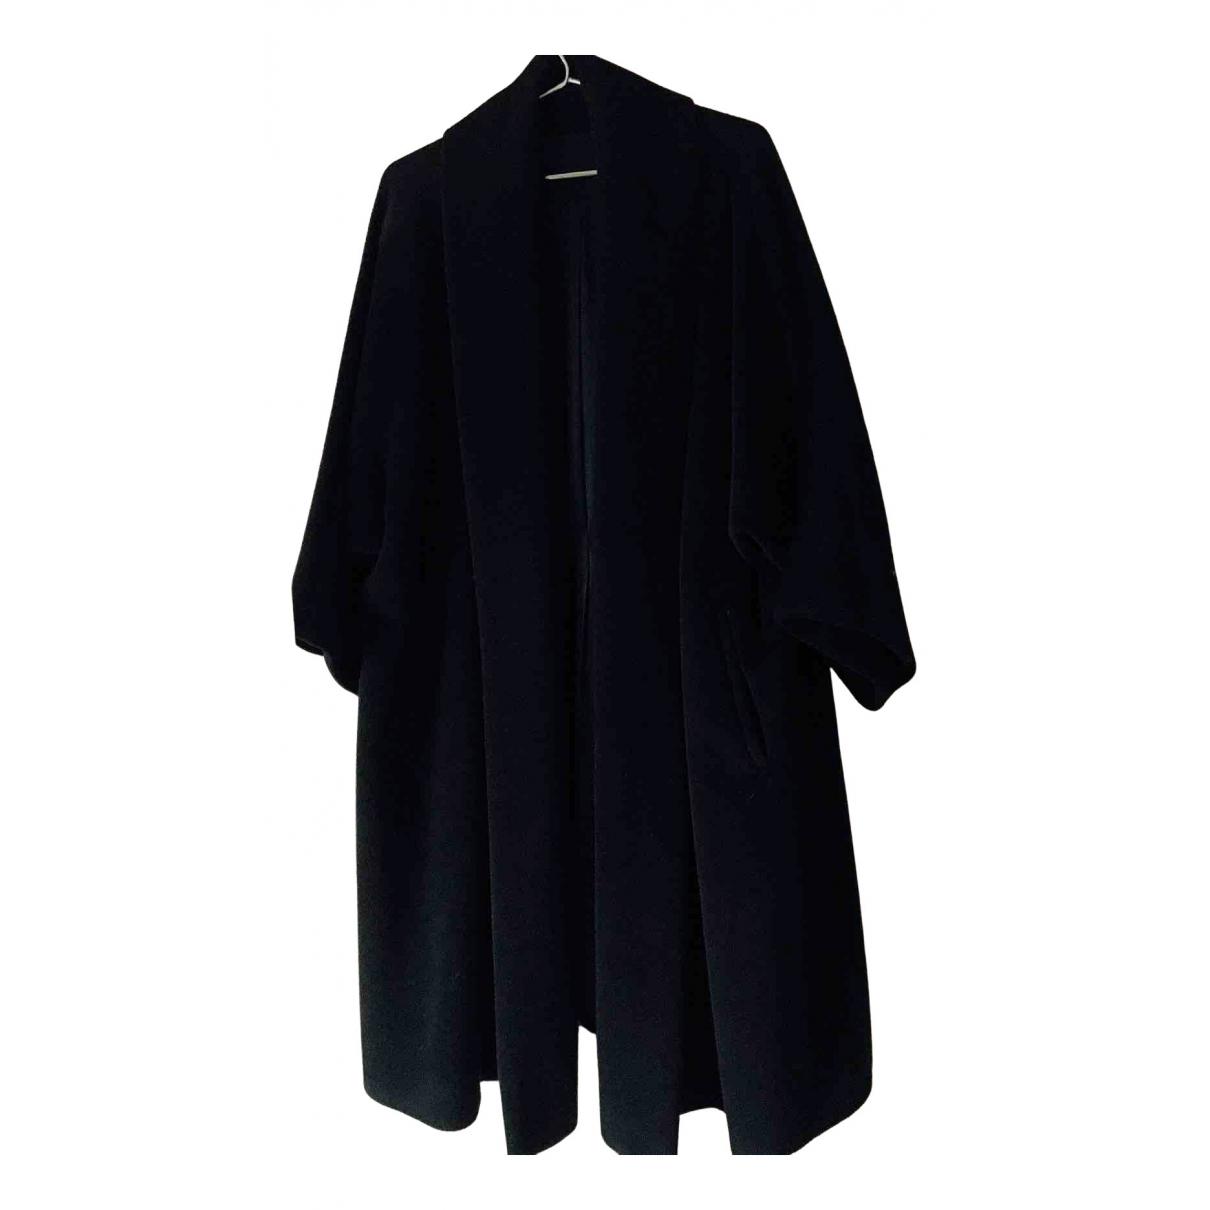 Max Mara N Black Wool coat for Women 8 UK